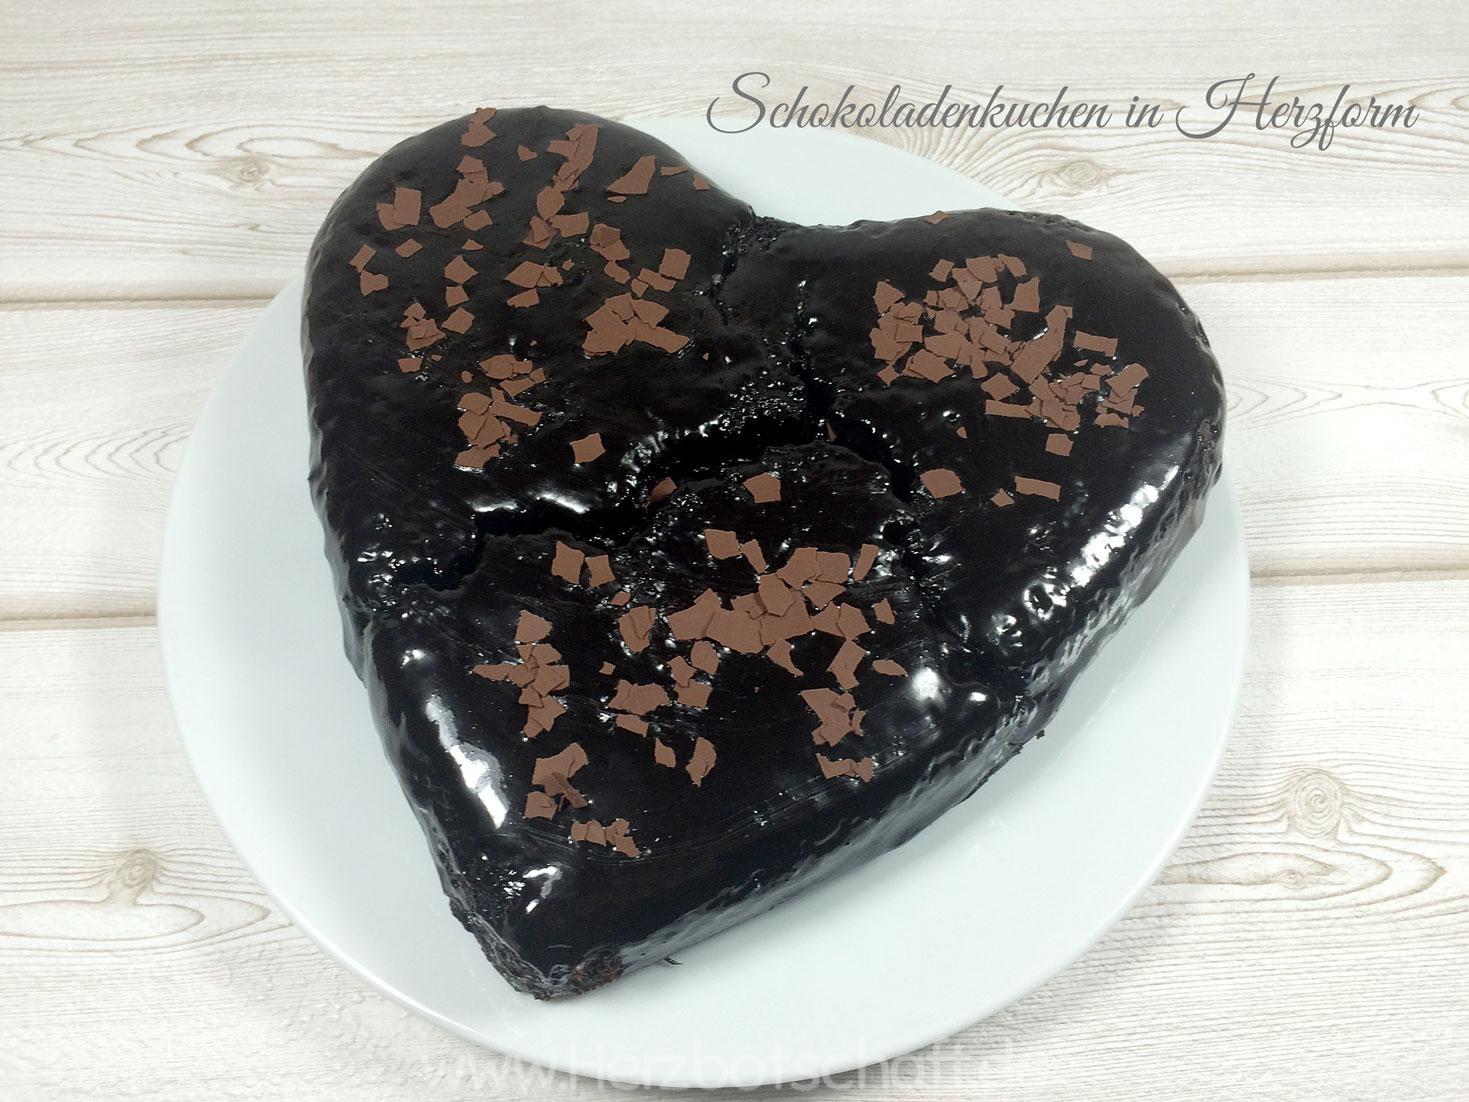 Schokoladentorte in Herzform zum Valentinstag